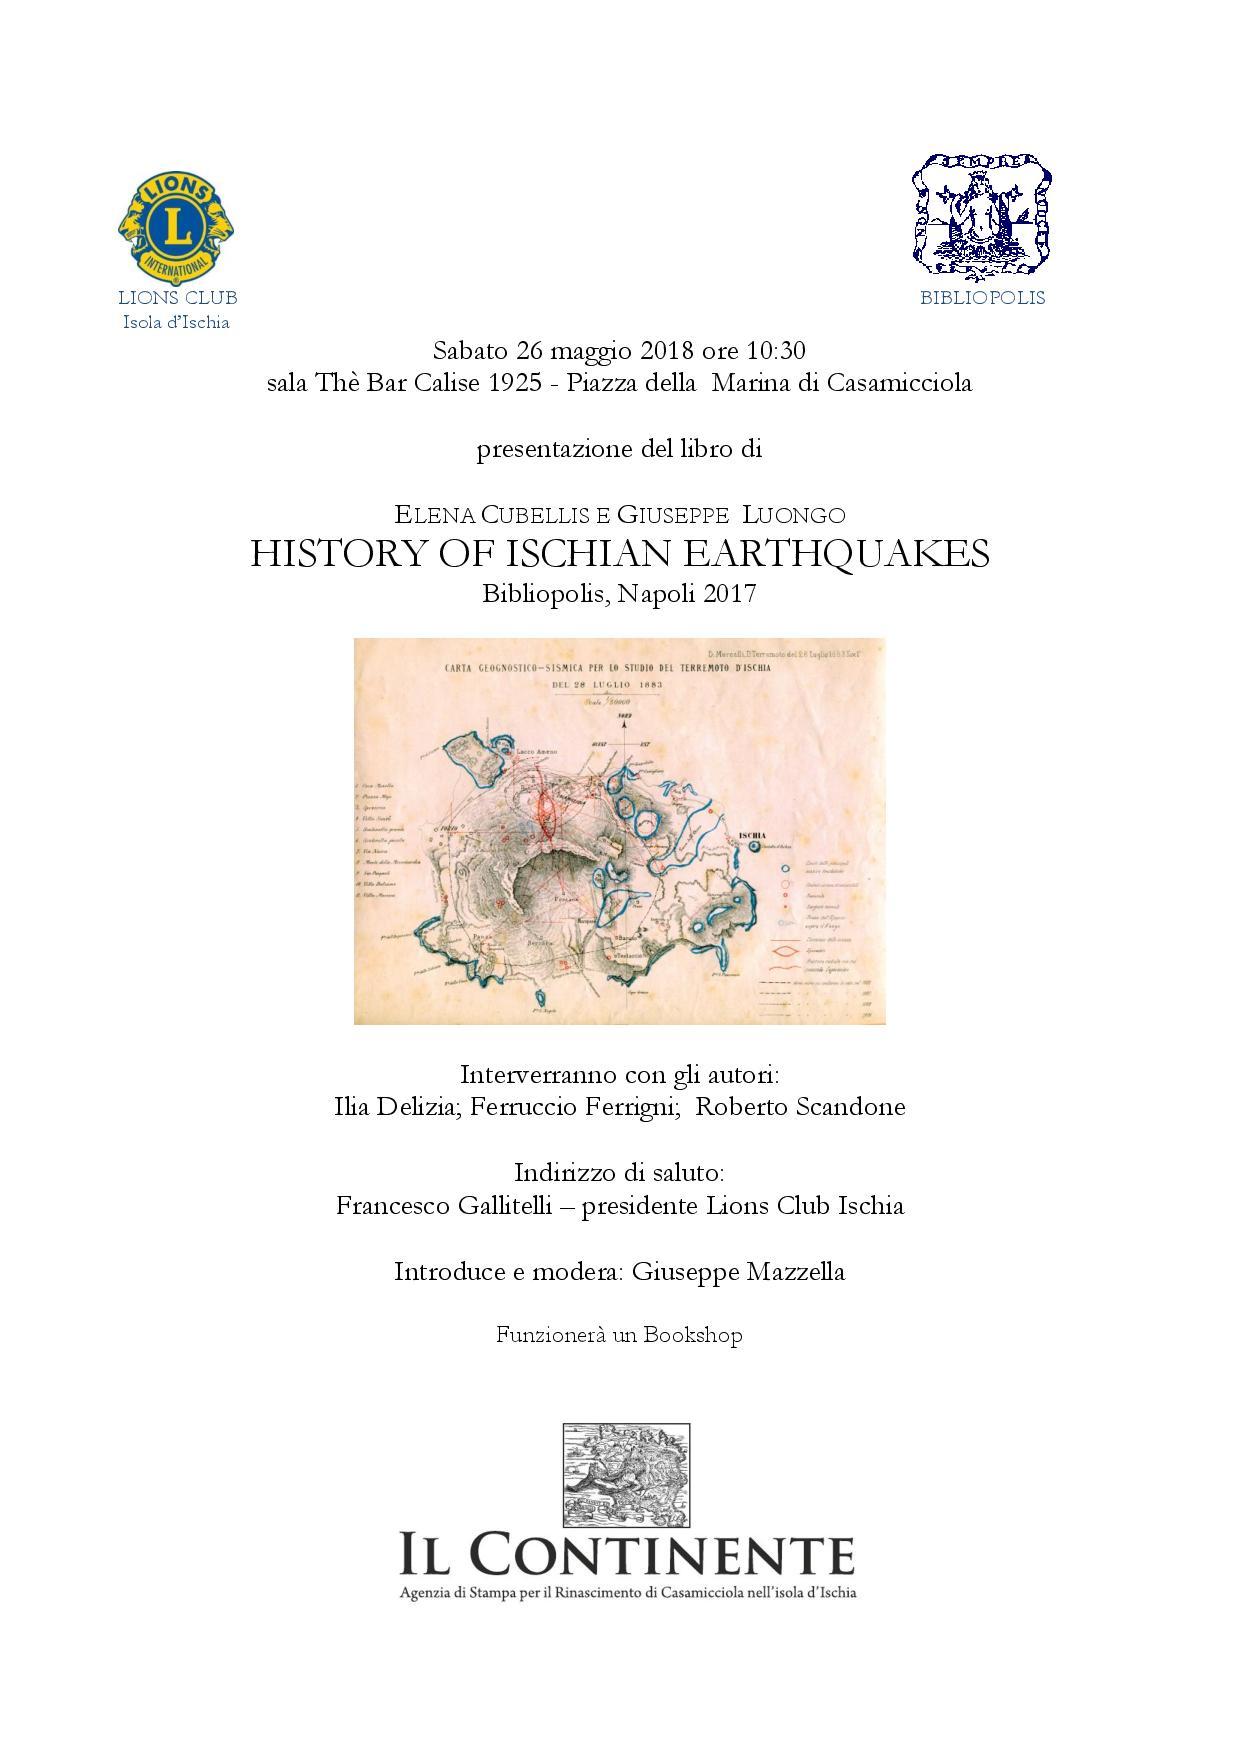 presentazione-libro-terremoti-ischia-26-maggio-18-page-001